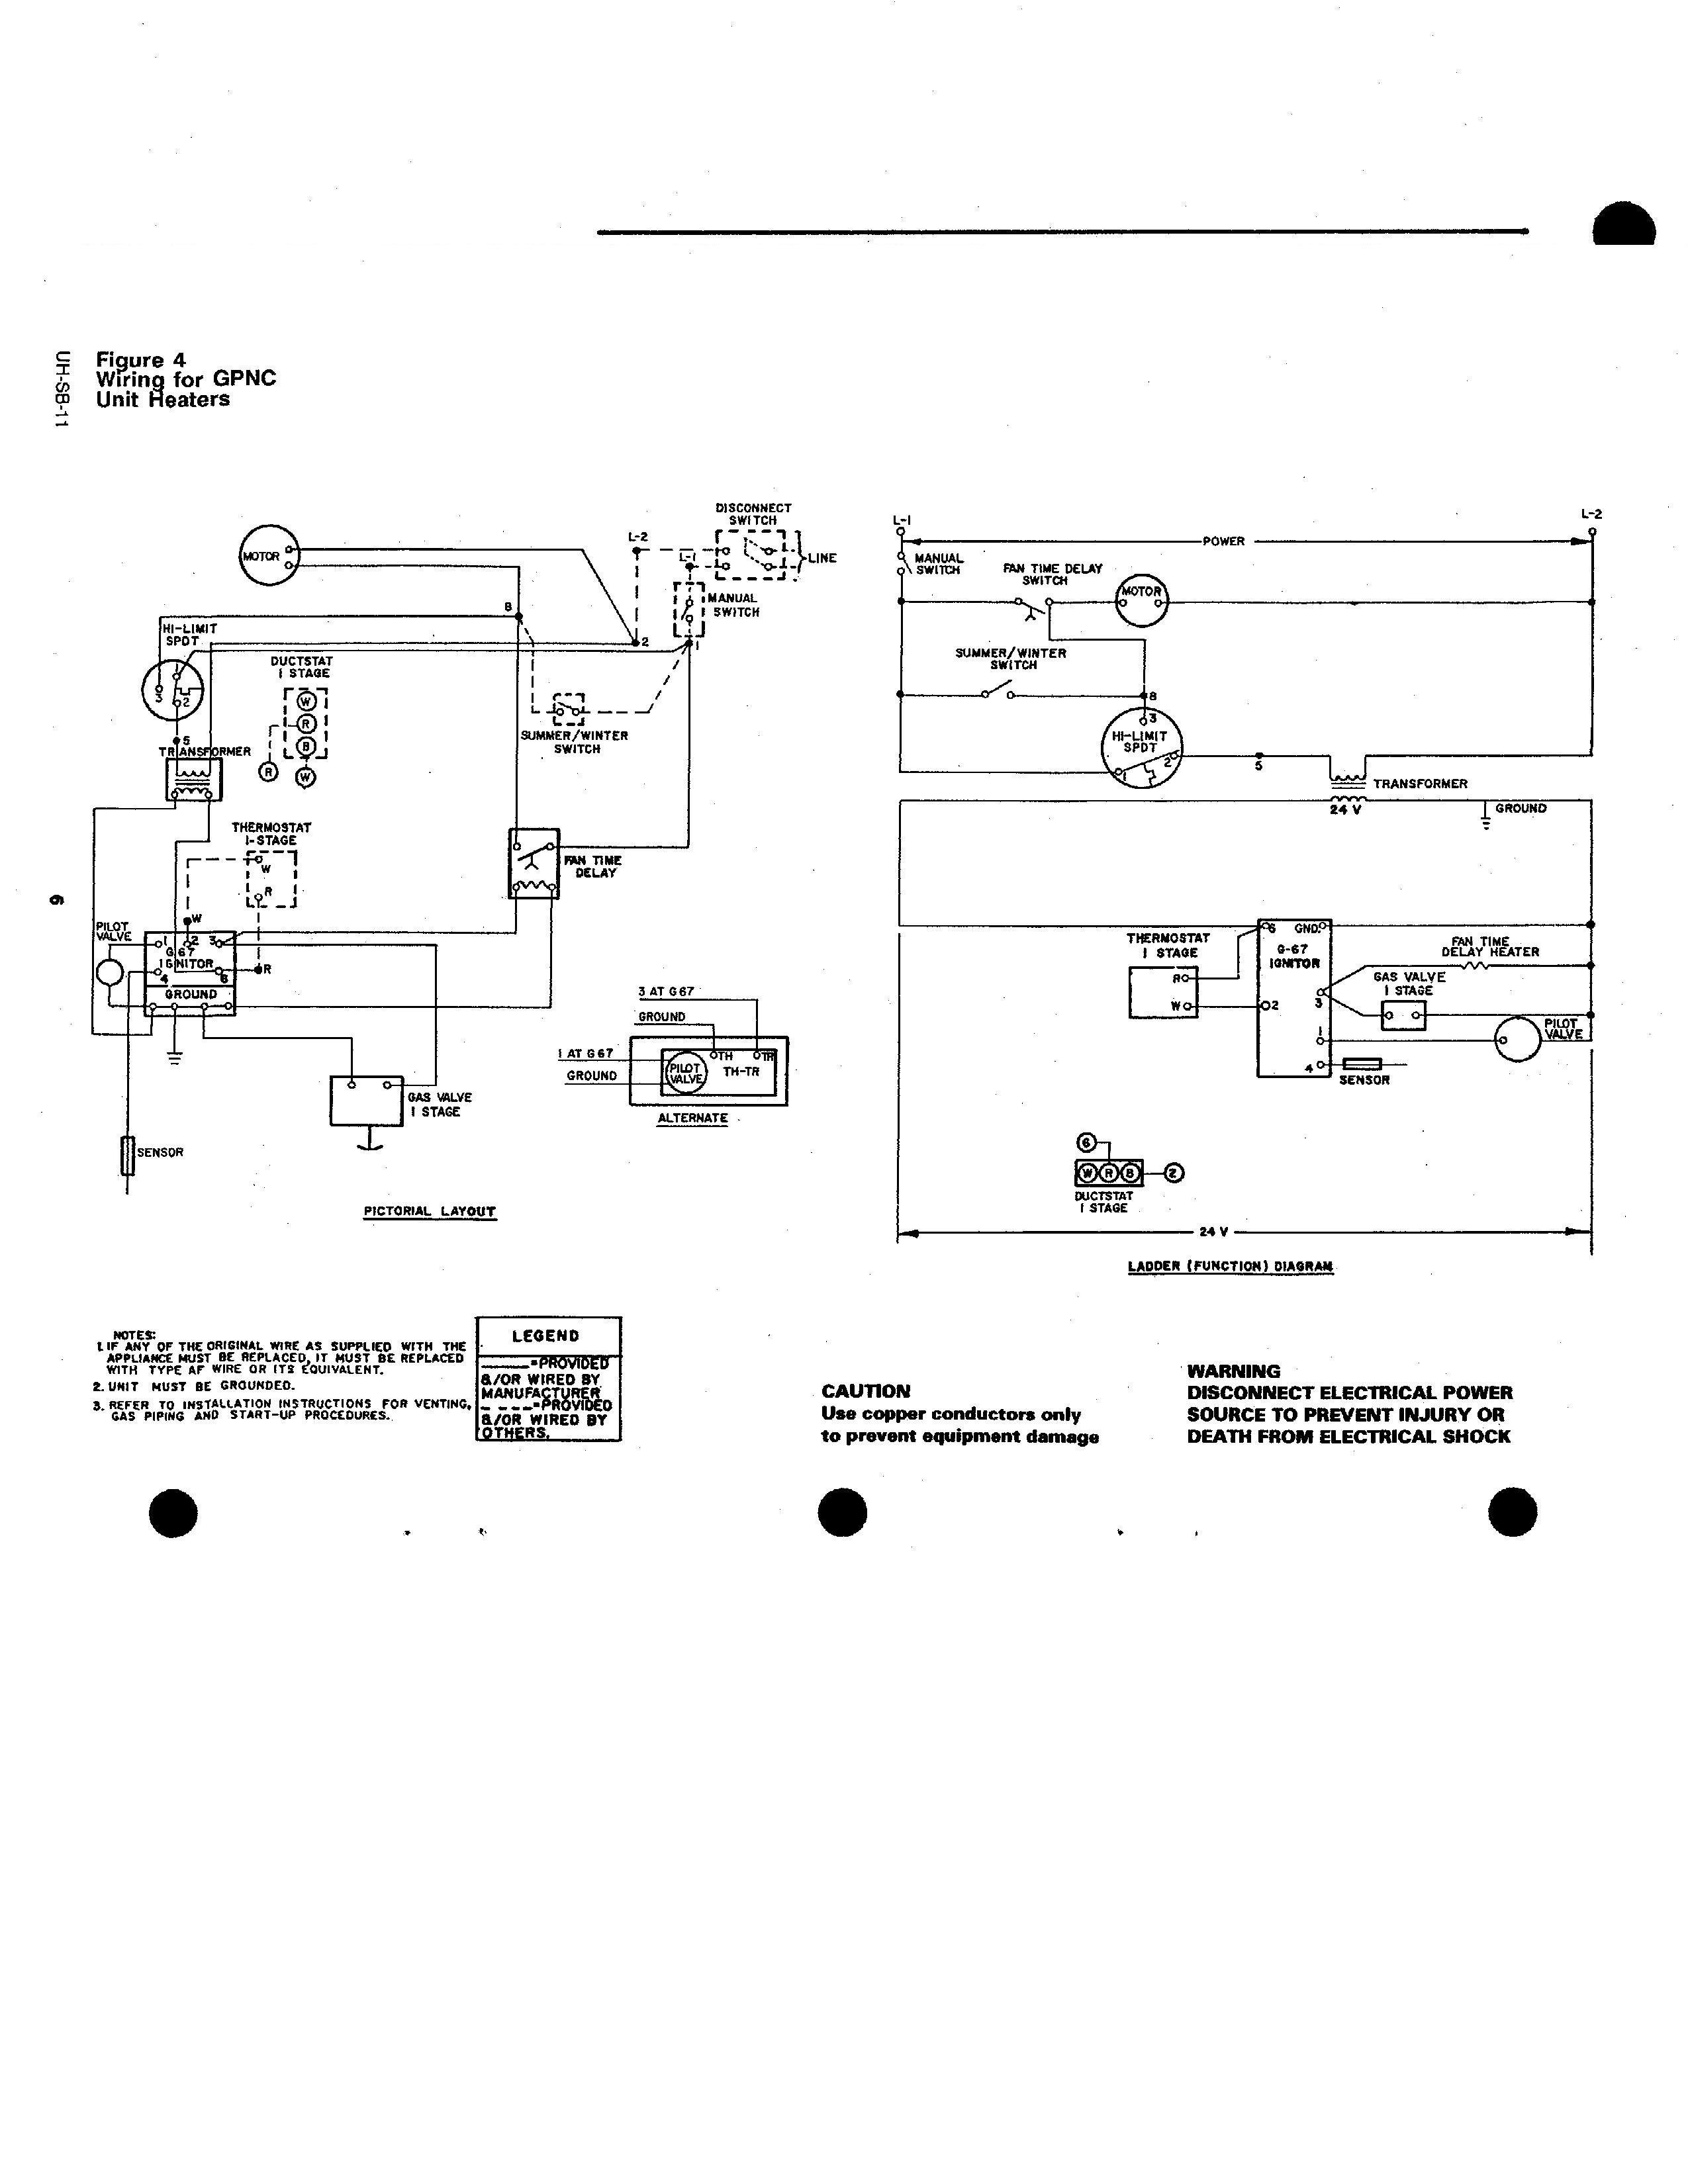 Furnace Transformer Wiring Diagram Trane Wiring Diagram Of Furnace Transformer Wiring Diagram